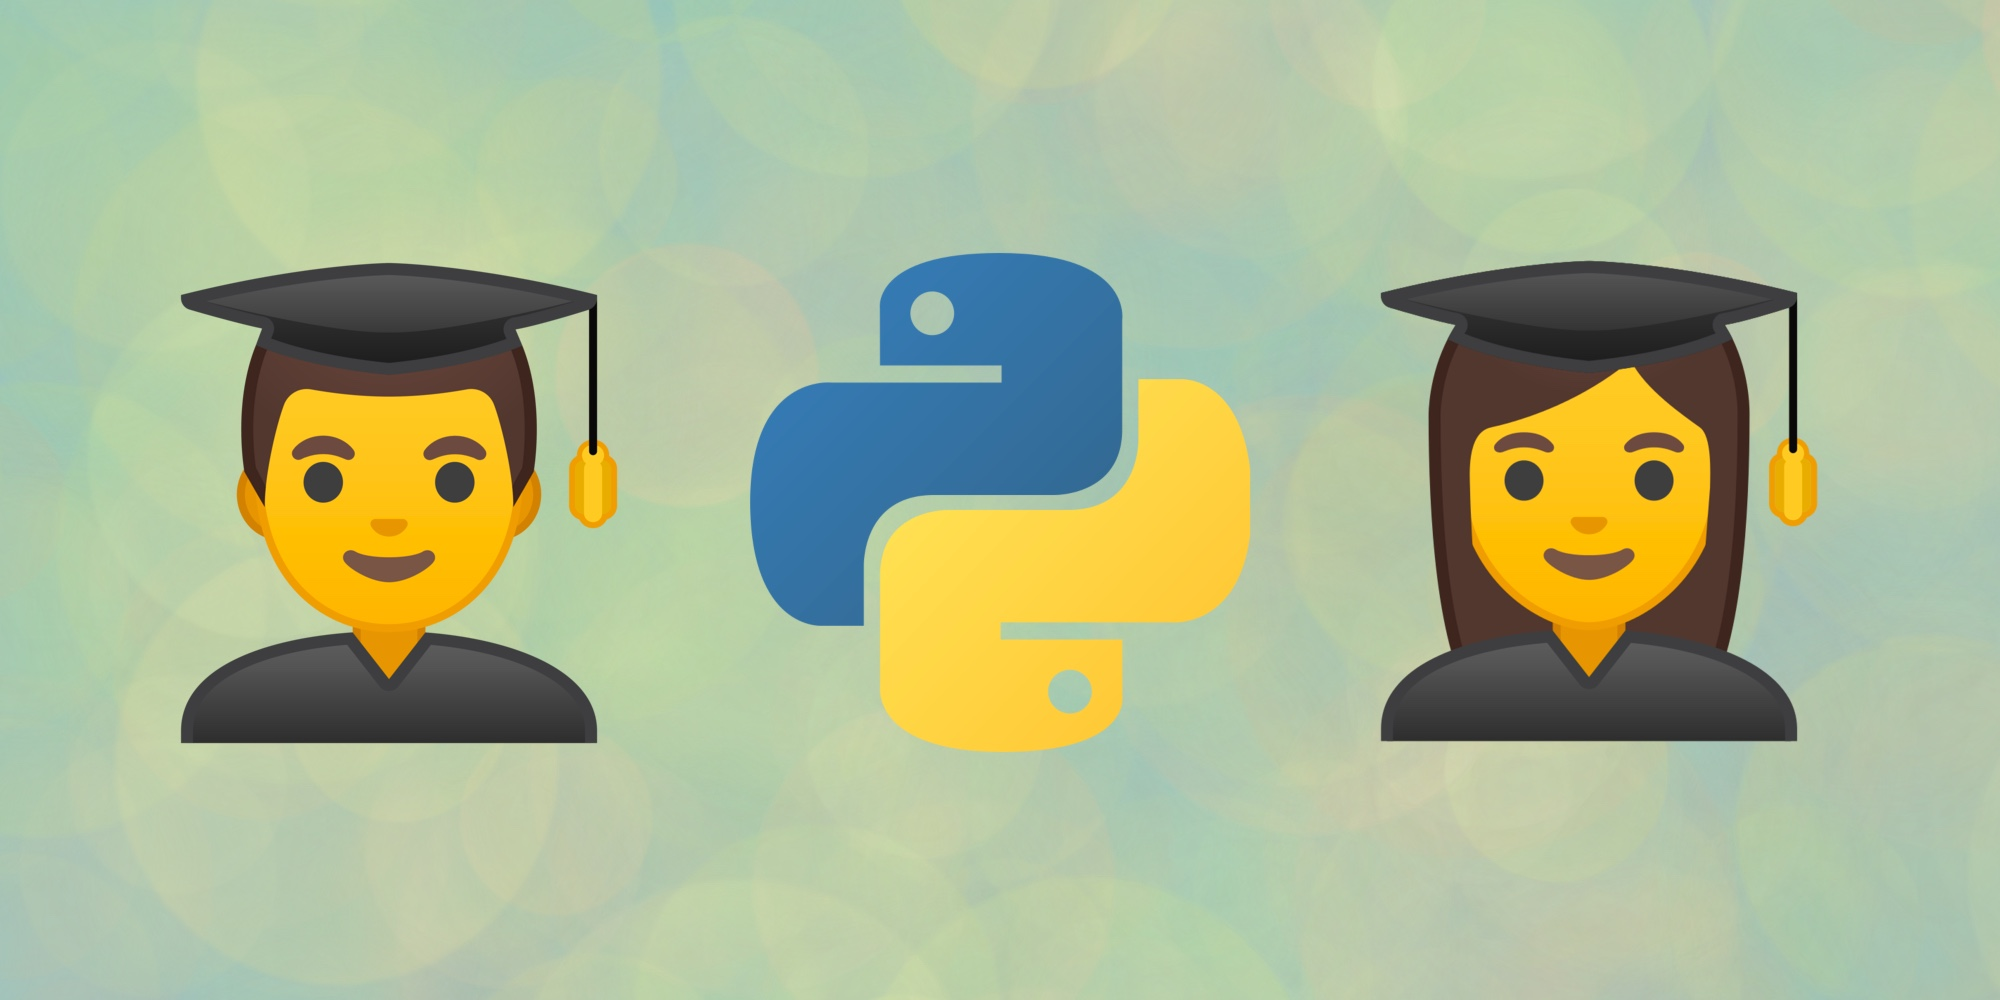 🐍 Топ-20 бесплатных ресурсов для изучения Python: сохрани это в закладки